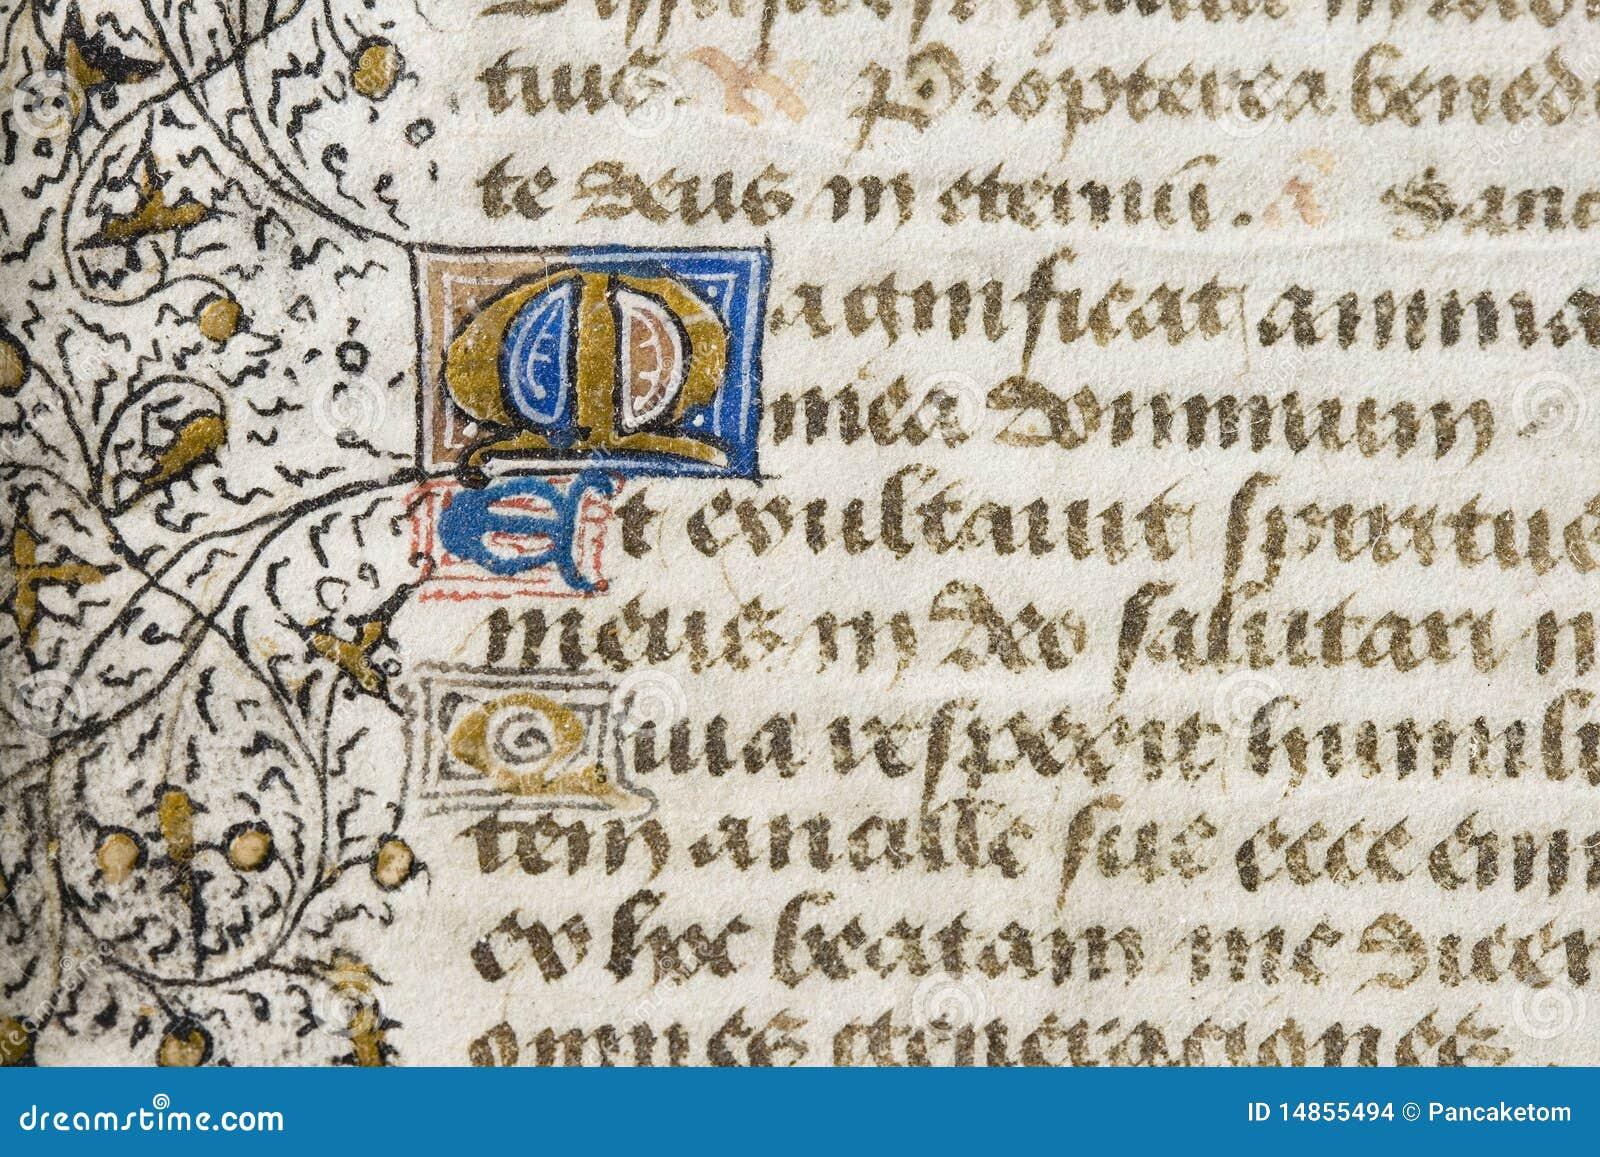 Illuminated manuscript detail